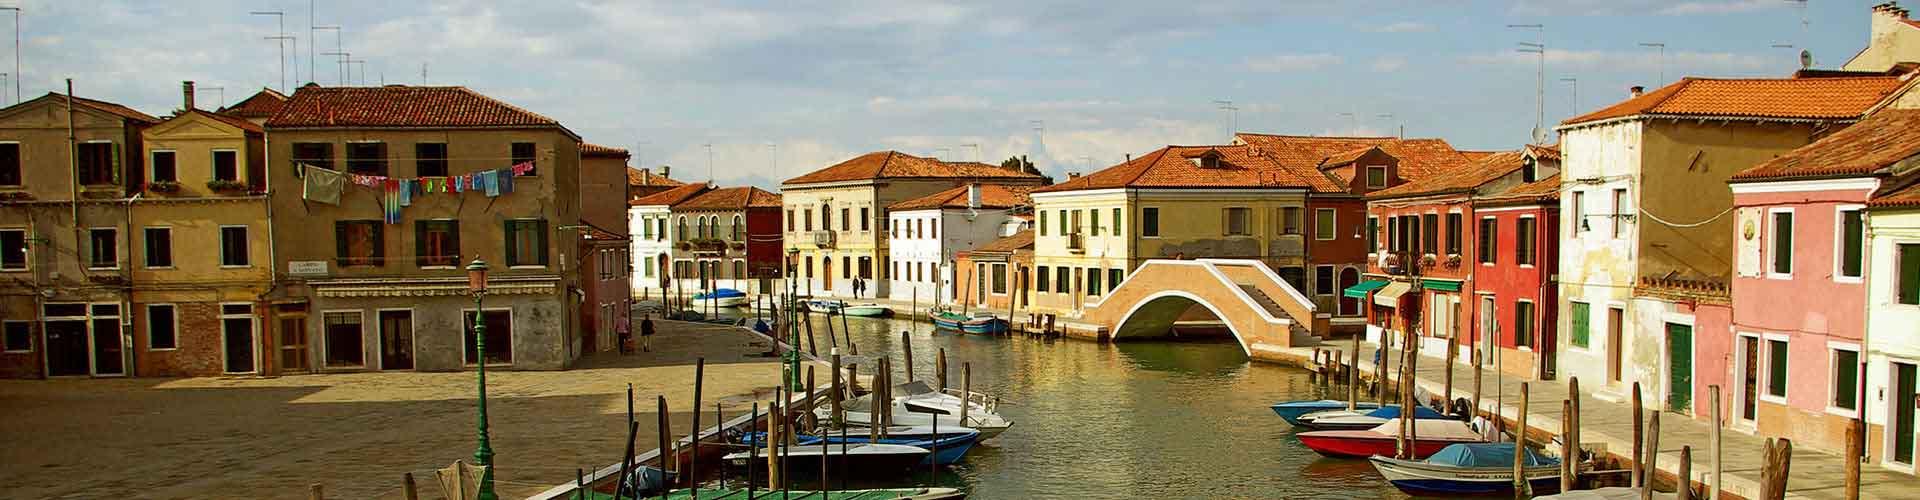 Venice Mestre - pokoje v blízkosti Benátky Marco Polo letiště. Mapy pro Venice Mestre, fotky a recenze pro každý pokoj - Venice Mestre.